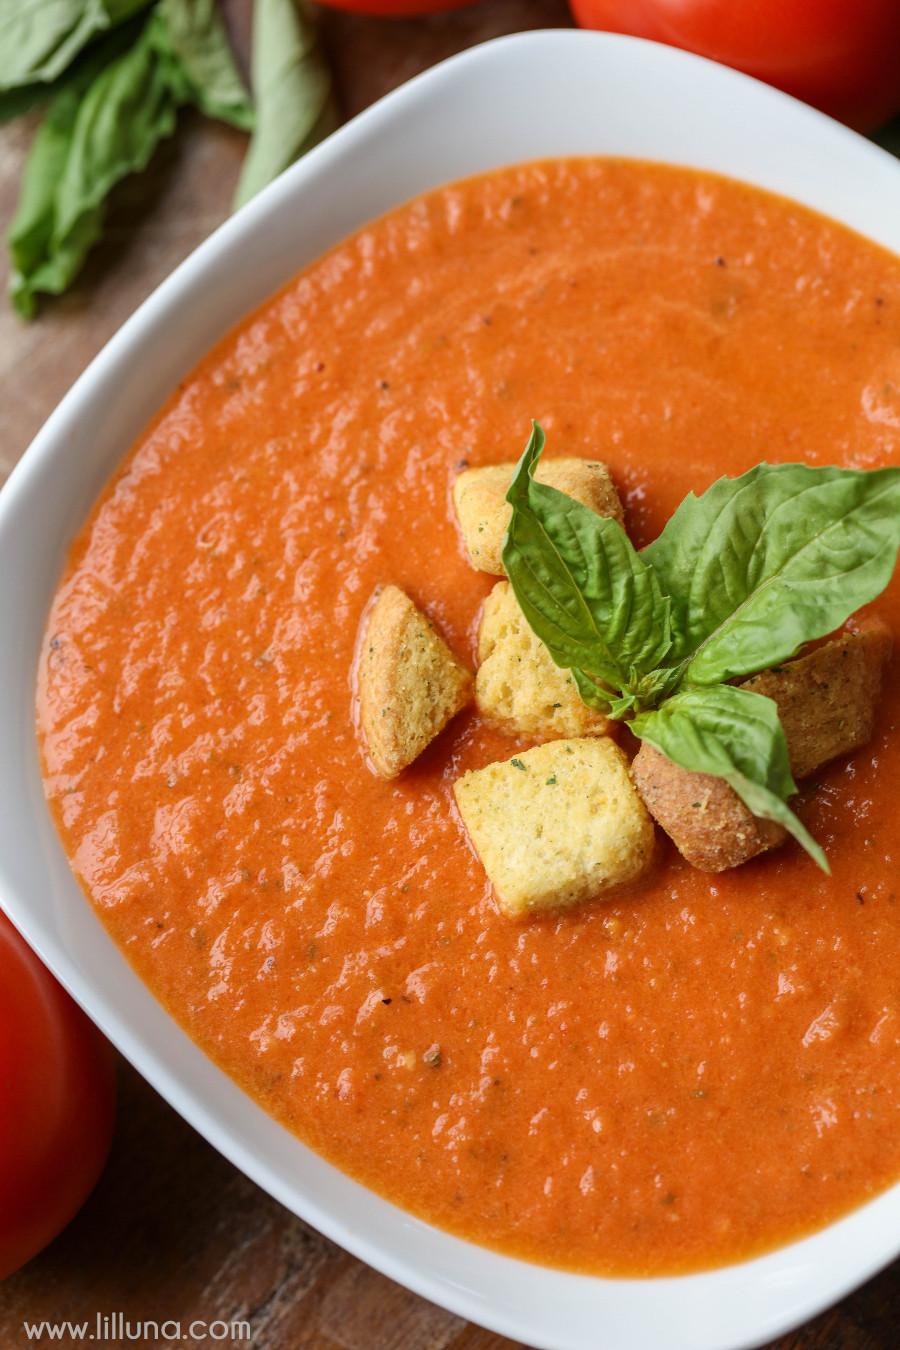 Tomato Soup Recipes  Tomato Basil Soup recipe